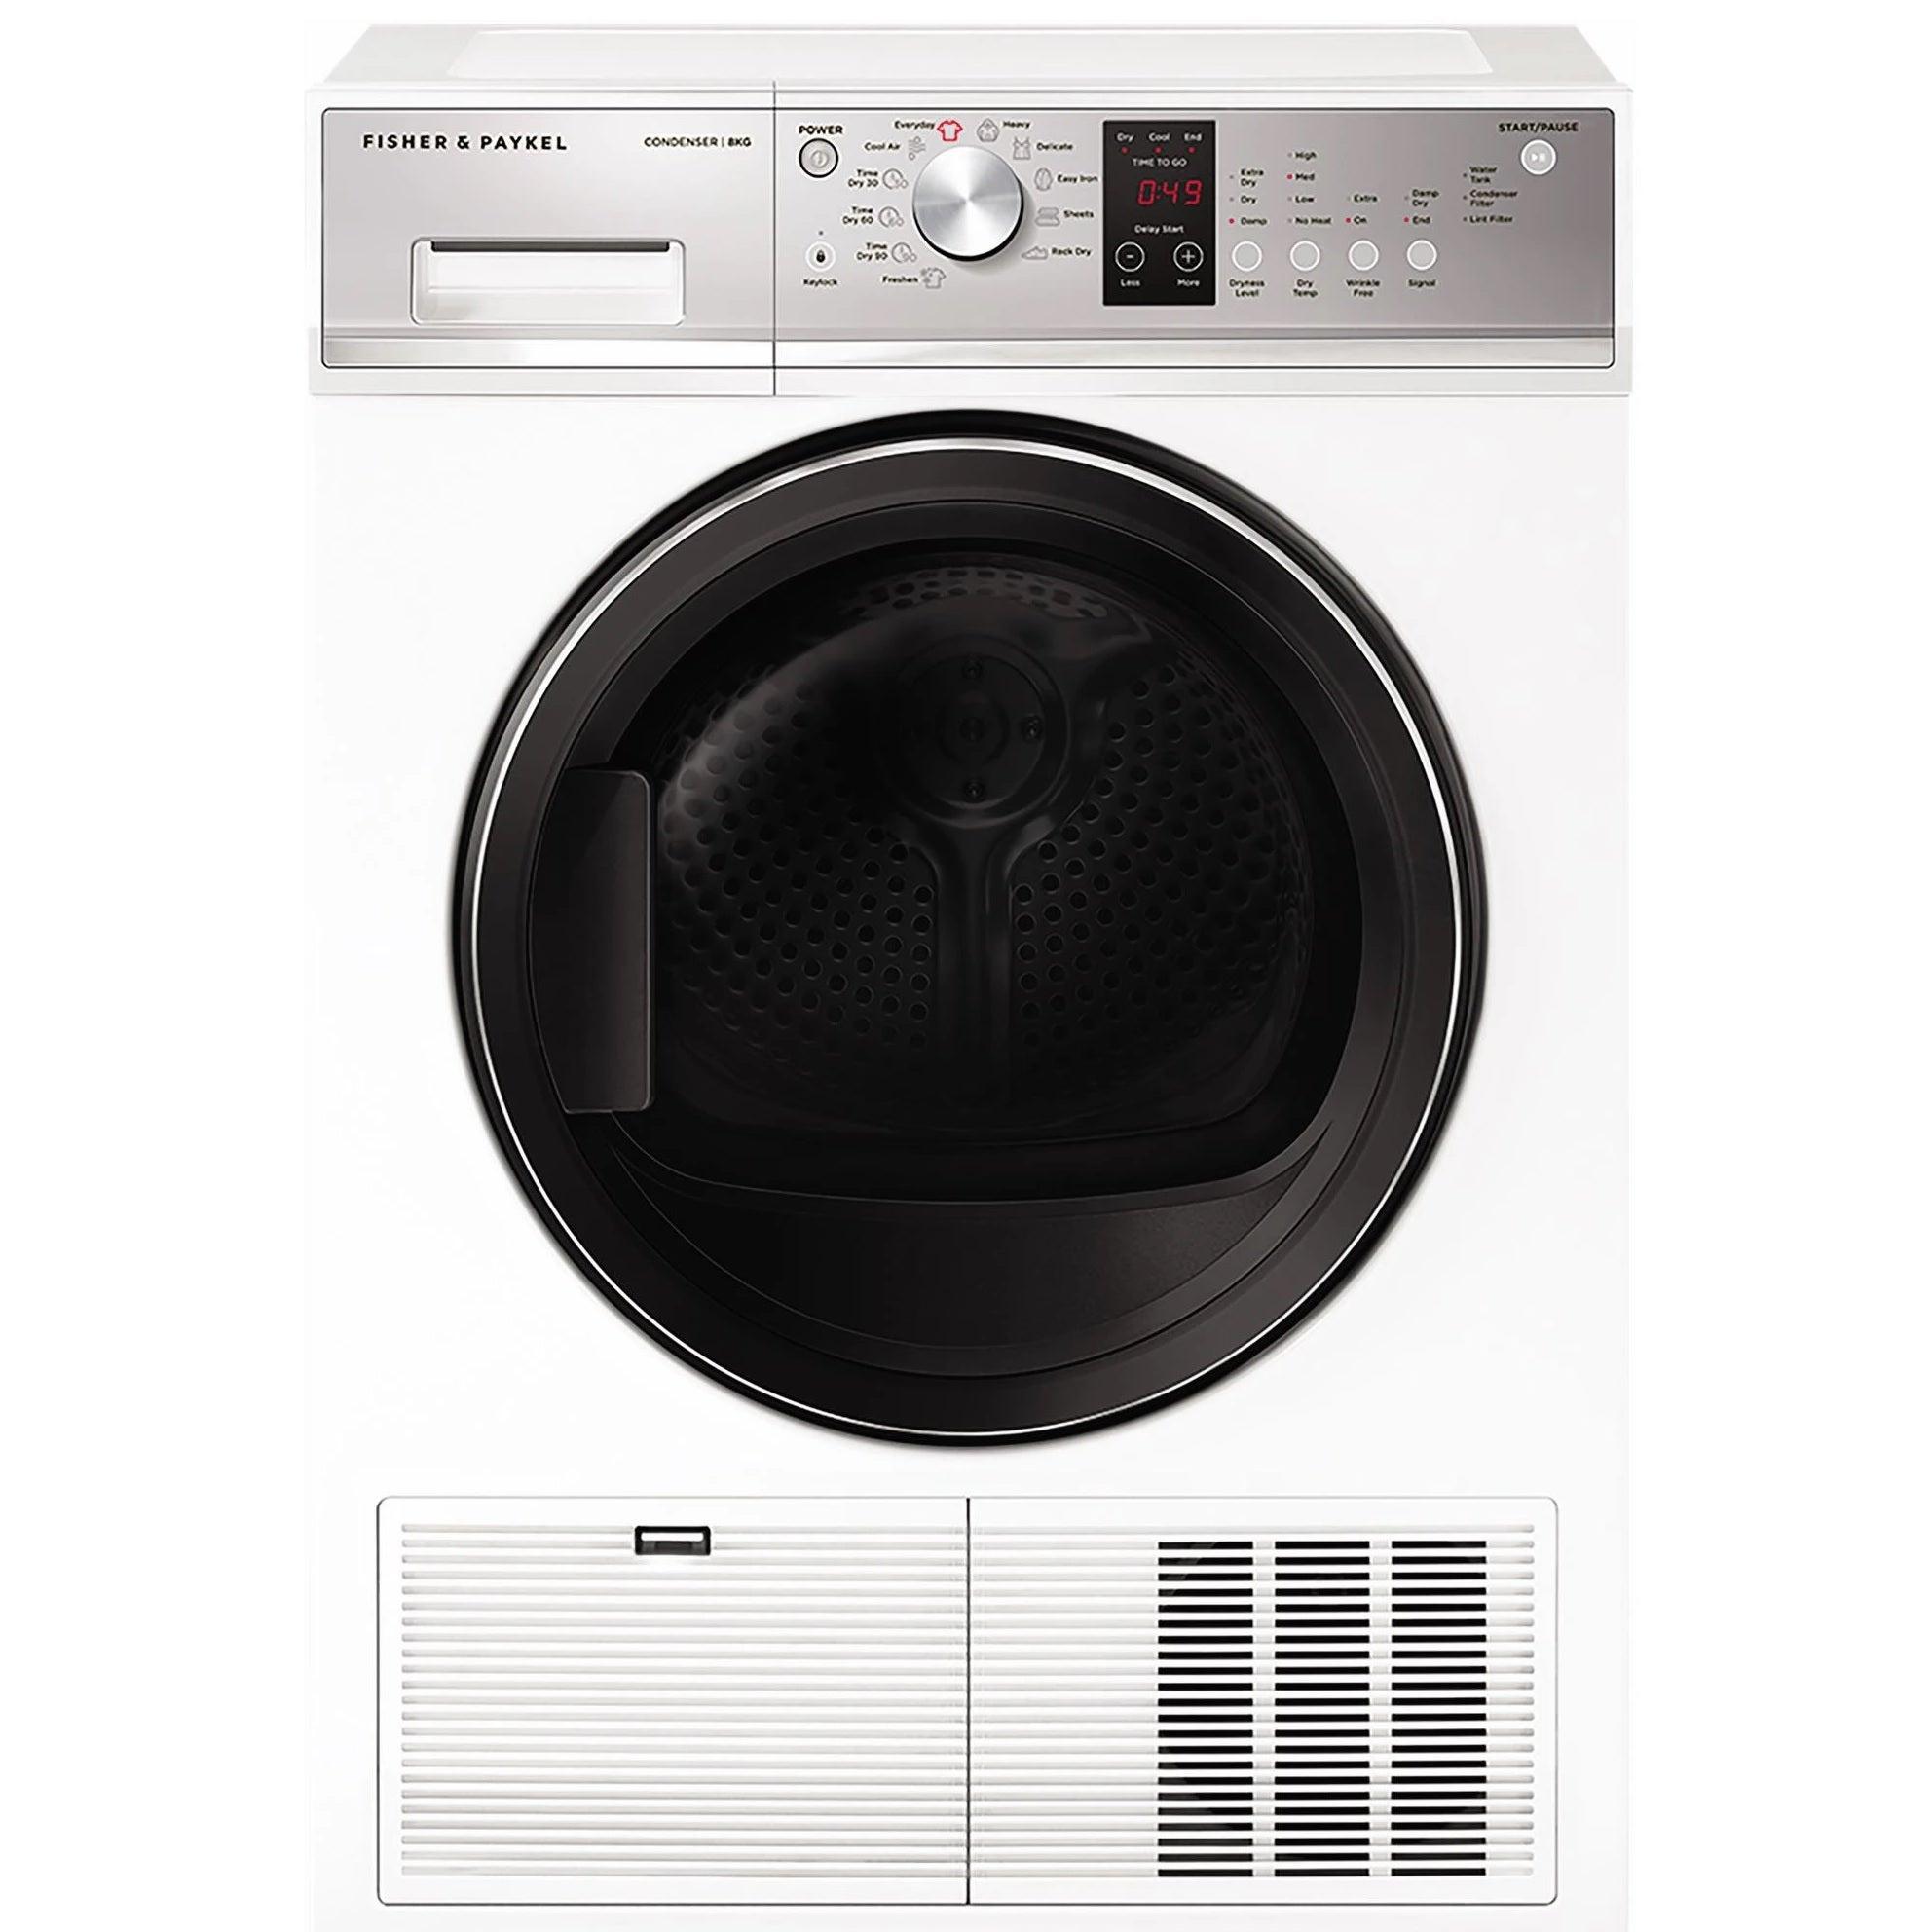 Fisher & Paykel DE8060P3 Dryer